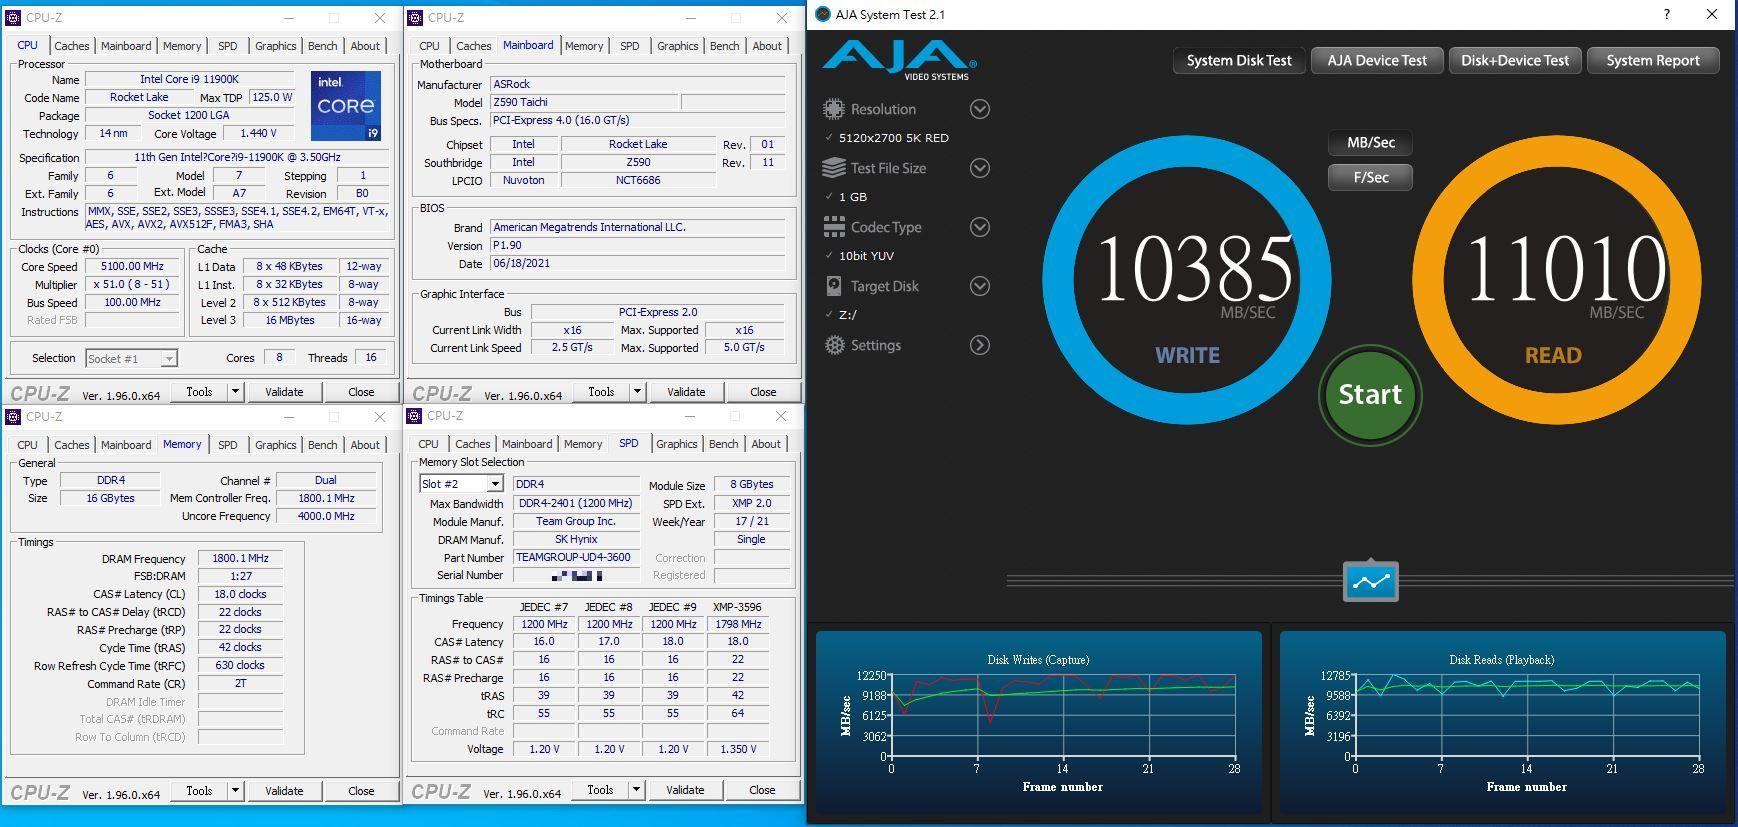 十銓T-FORCE XTREEM ARGB DDR4-3600 White Edition超頻記憶體-超美雪...8437